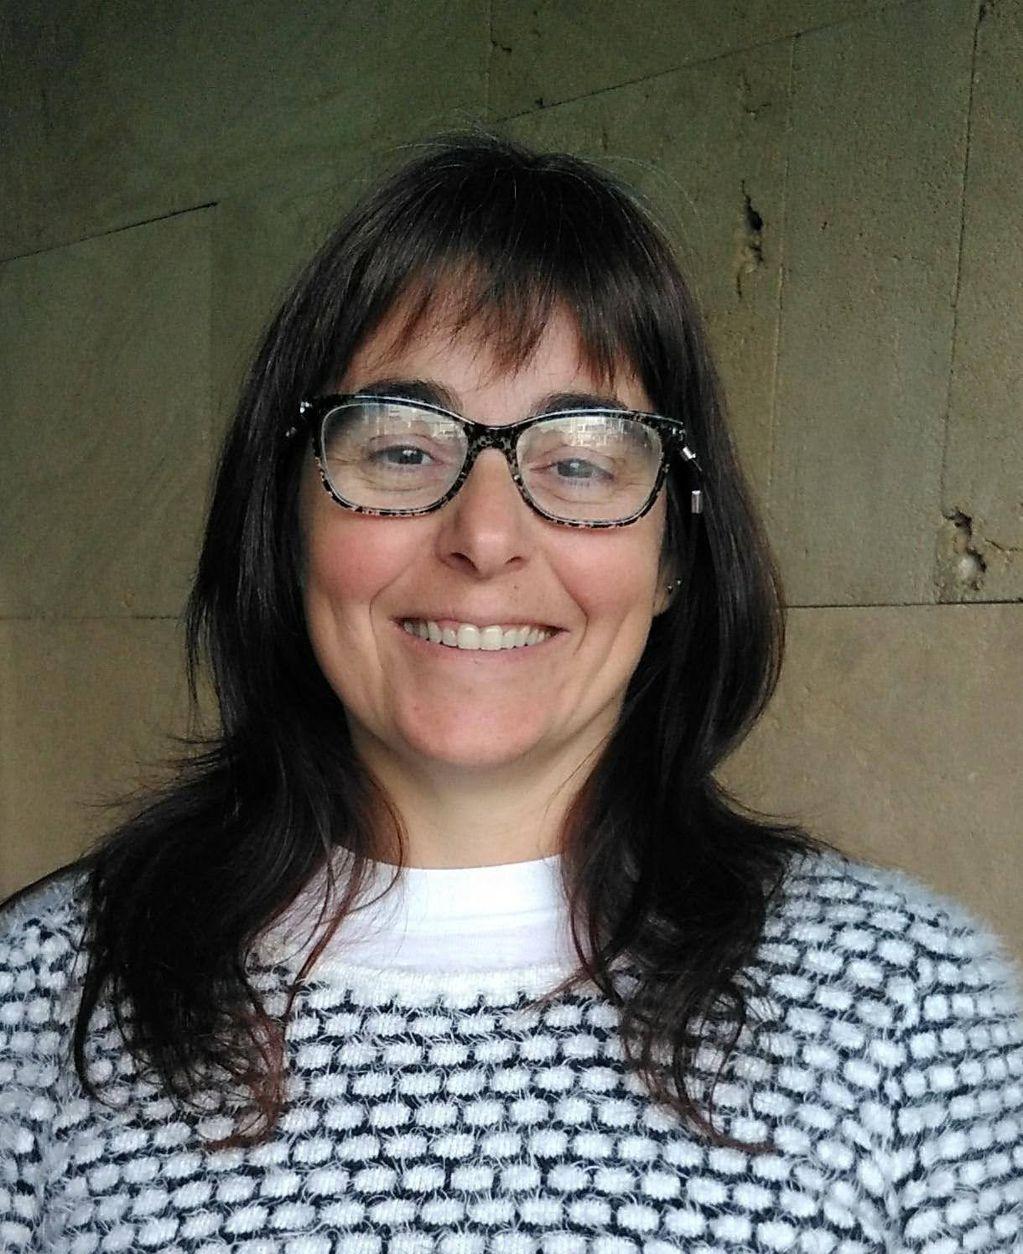 Rosa Sienes